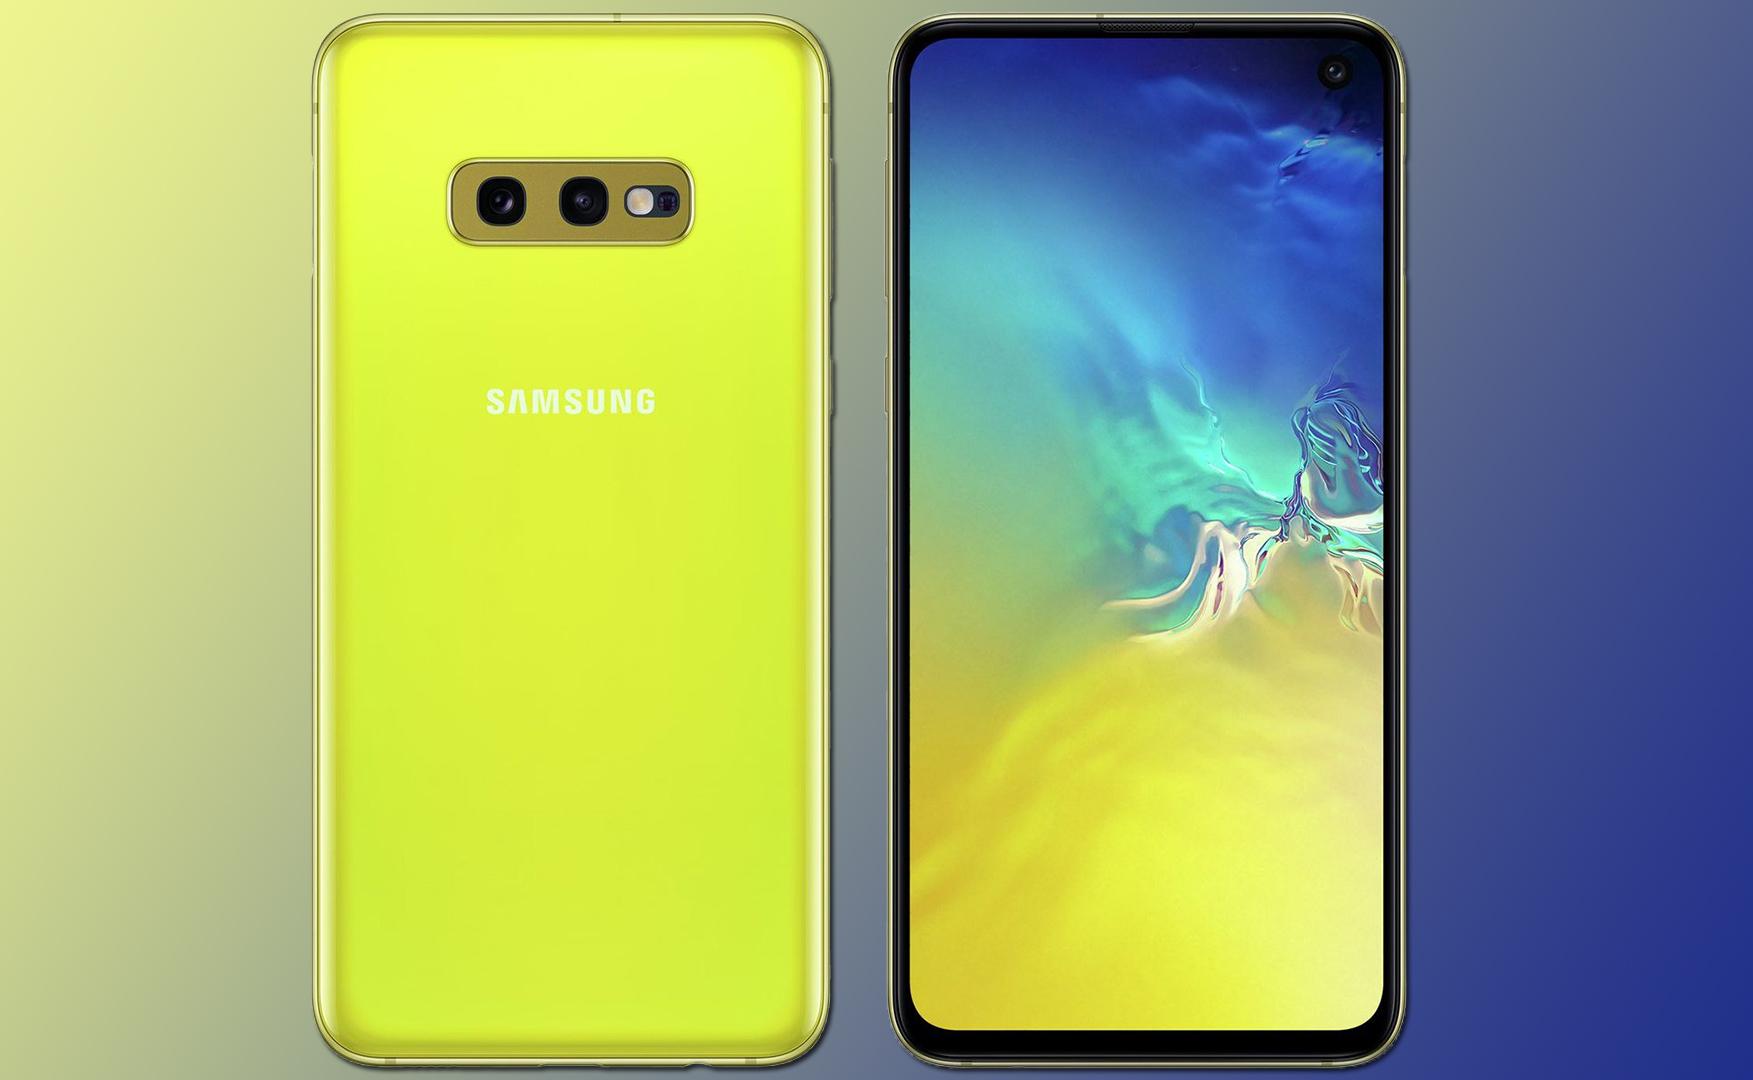 Smartfony Samsung Galaxy Note 10 Lite i Galaxy S10 Lite mo¿na ju¿ kupiæ w Rzeczypospolitej